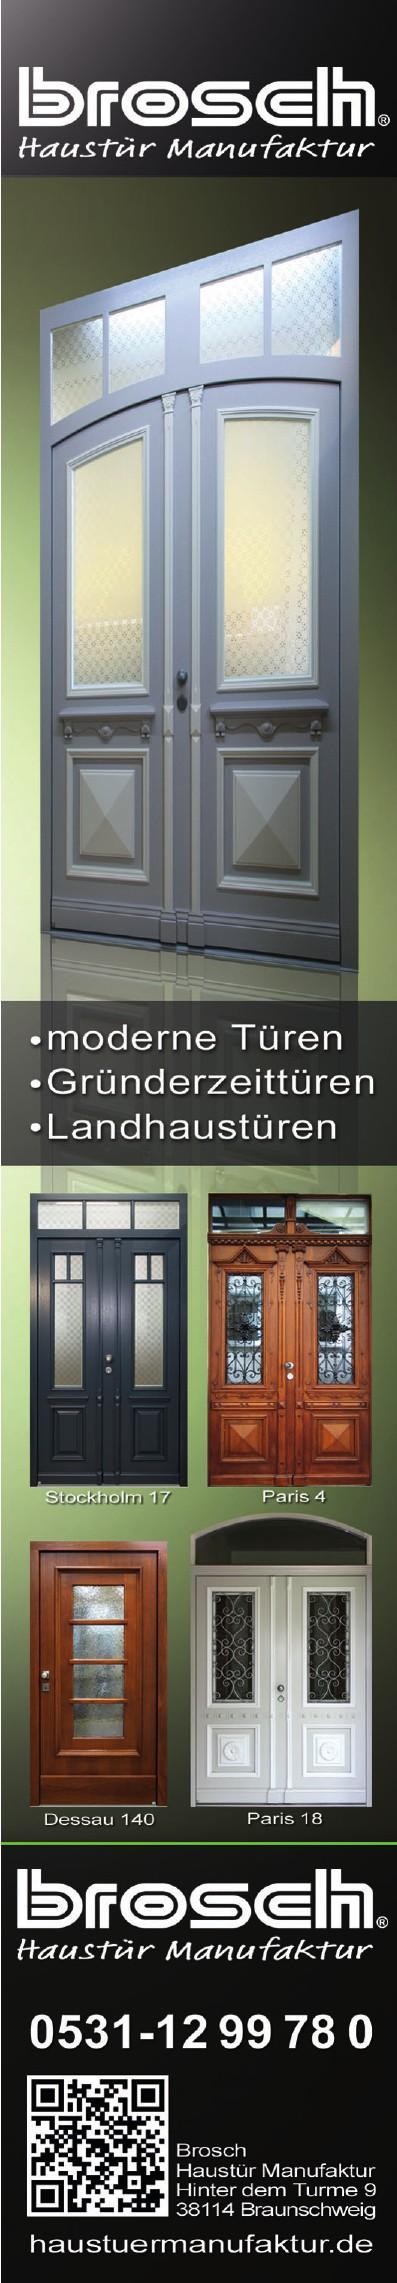 Brosch Haustür Manufaktur